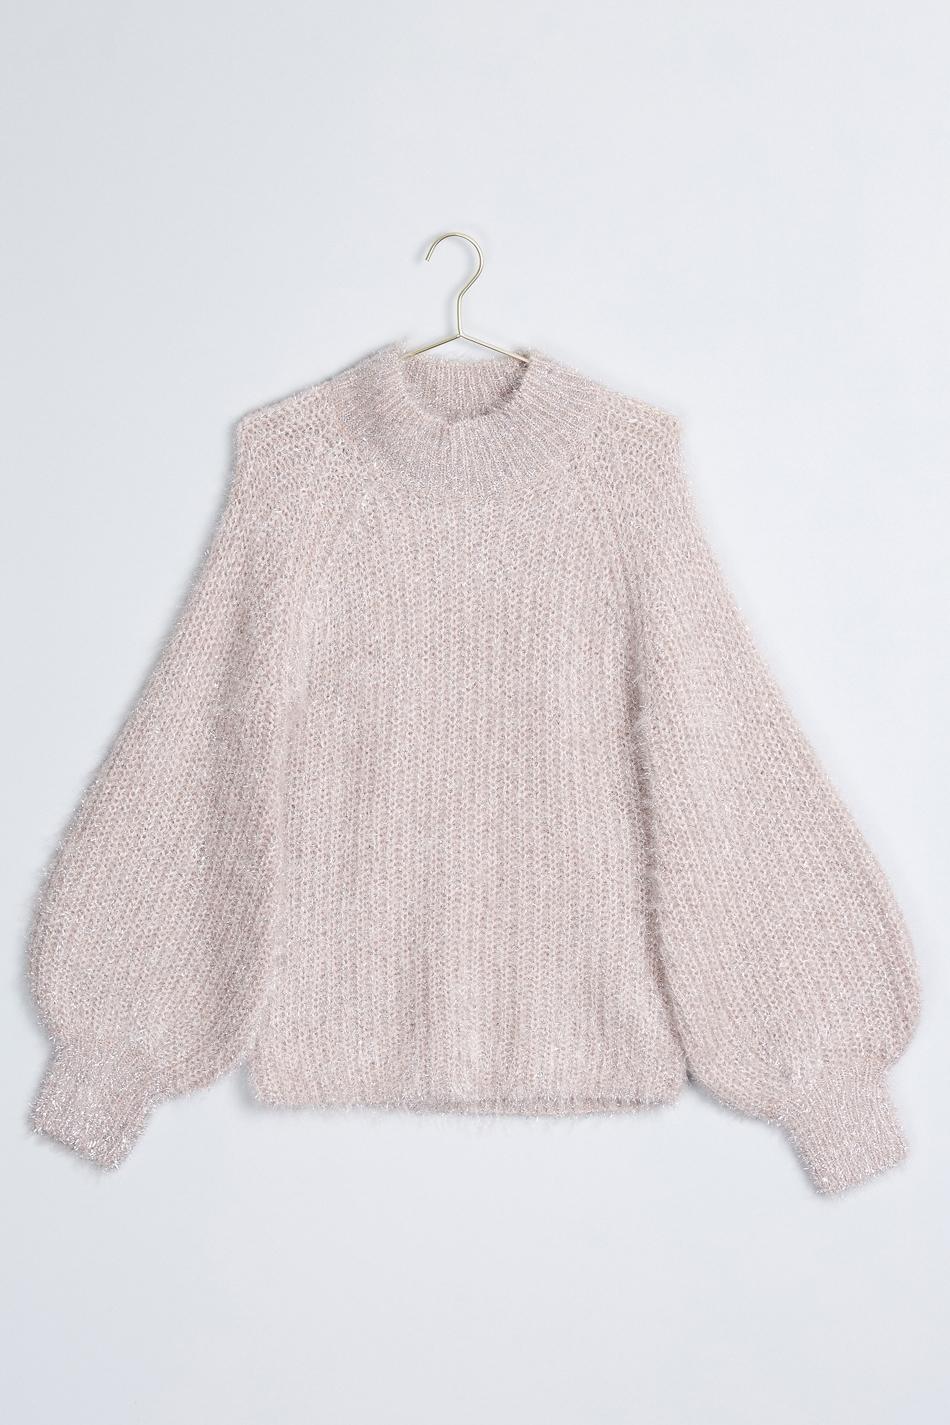 ... gabriella knitted sweater pink ljfswab